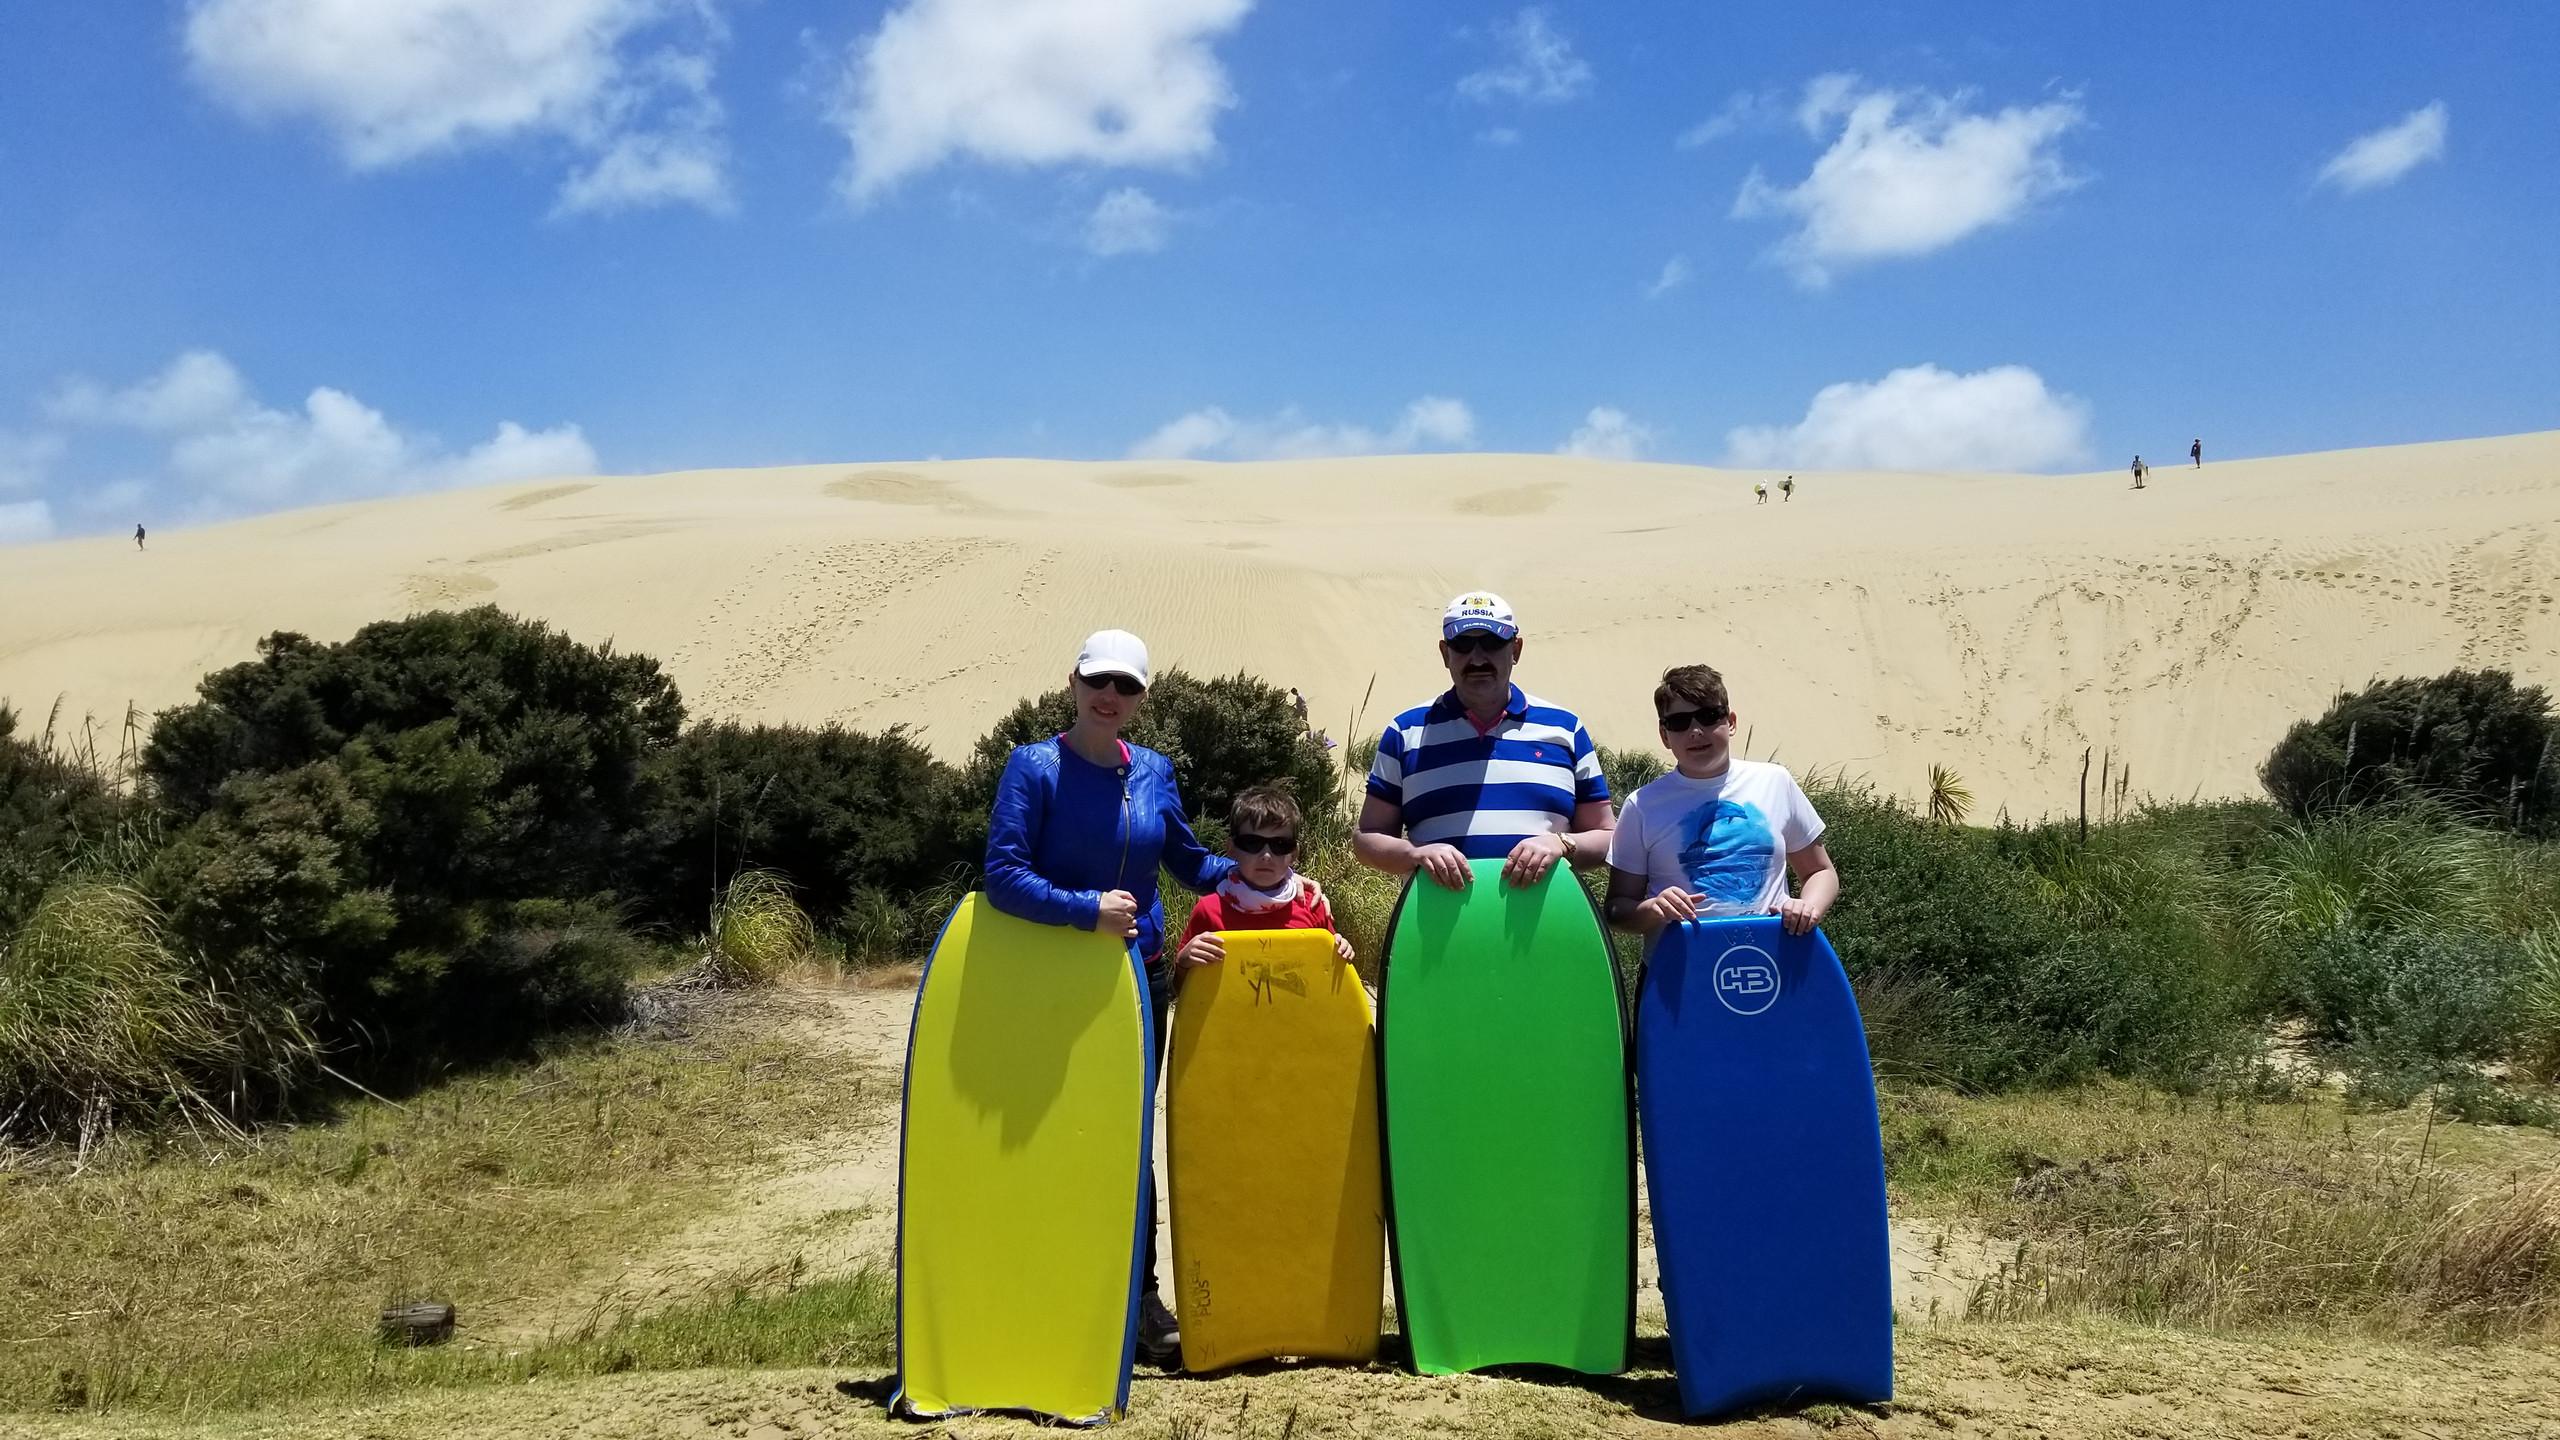 катание с дюн на мысе Реинга, Новая Зеландия, туры в Новую Зеландию